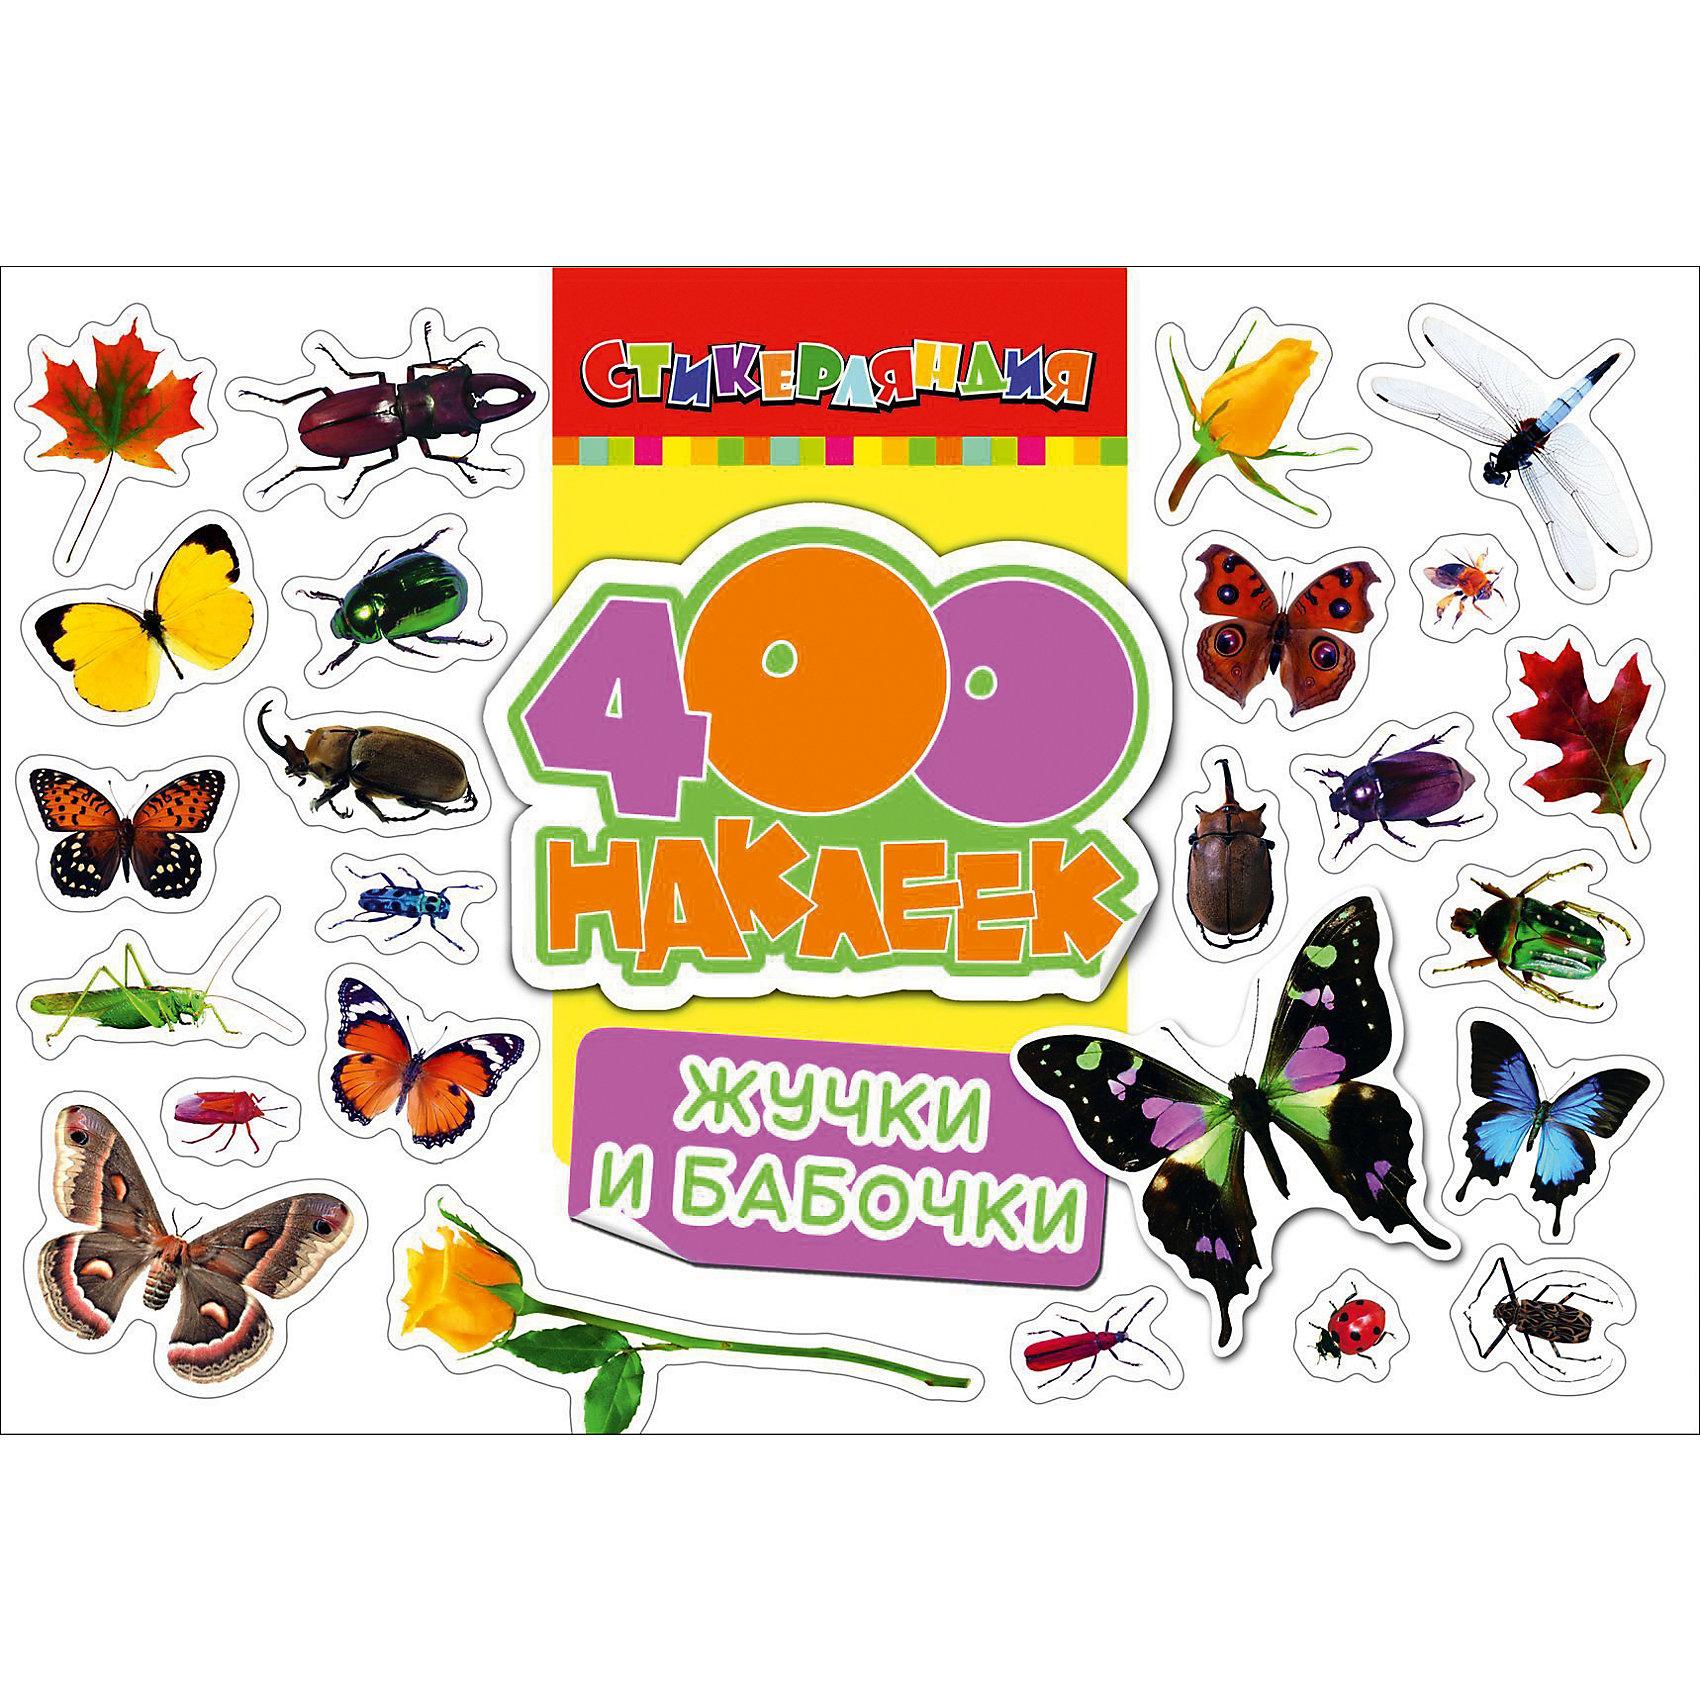 Книга для детей 400 наклеек - Жучки и бабочкиХарактеристики 400 наклеек.Жучки и бабочки:<br><br>- возраст: от 5 лет<br>- пол: для мальчиков и девочек<br>- материал : бумага, картон.<br>- количество страниц: 24.<br>- размер: 30 * 20 * 0.3 см.<br>- тип обложки: мягкая.<br>- наличие цветных иллюстраций: да.<br>- масса: 145 гр.<br>- страна обладатель бренда: Россия<br><br>Альбом Жучки и бабочки представляет вниманию 400 наклеек, изображающих жучков и бабочек. В издании имеется множество различных особей этих удивительных насекомых, чьи формы, размеры и расцветка могут поражать воображение. Такими яркими наклейками можно украсить комнату ребенка, придав ей вид настоящего леса или луга, на котором живут эти маленькие обитатели. Стоит отметить, что на каждой странице малыш сможет увидеть короткую заметку, в которой содержится много интересного о том или ином насекомом.<br><br>Альбом Жучки и бабочки издательства Росмэн можно купить в нашем интернет-магазине.<br><br>Ширина мм: 300<br>Глубина мм: 200<br>Высота мм: 3<br>Вес г: 145<br>Возраст от месяцев: 60<br>Возраст до месяцев: 84<br>Пол: Унисекс<br>Возраст: Детский<br>SKU: 5109772